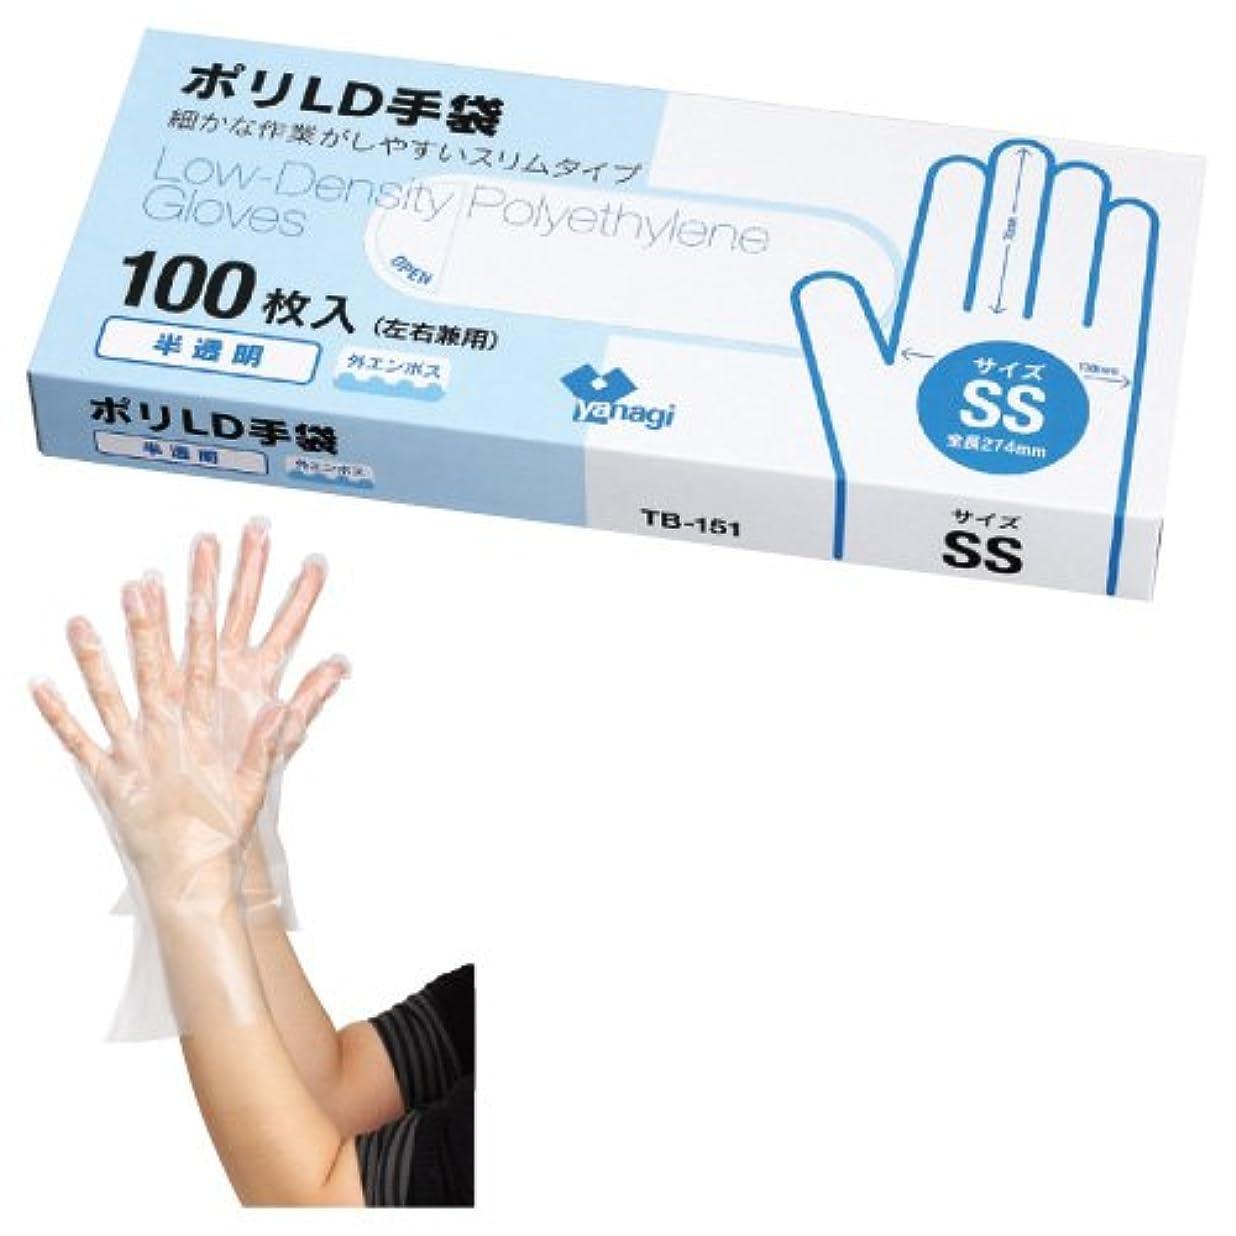 ロック解除アルバムグラスポリLD手袋(半透明)外エンボス TB-151(SS)100???????LD???????????????(24-3471-00)